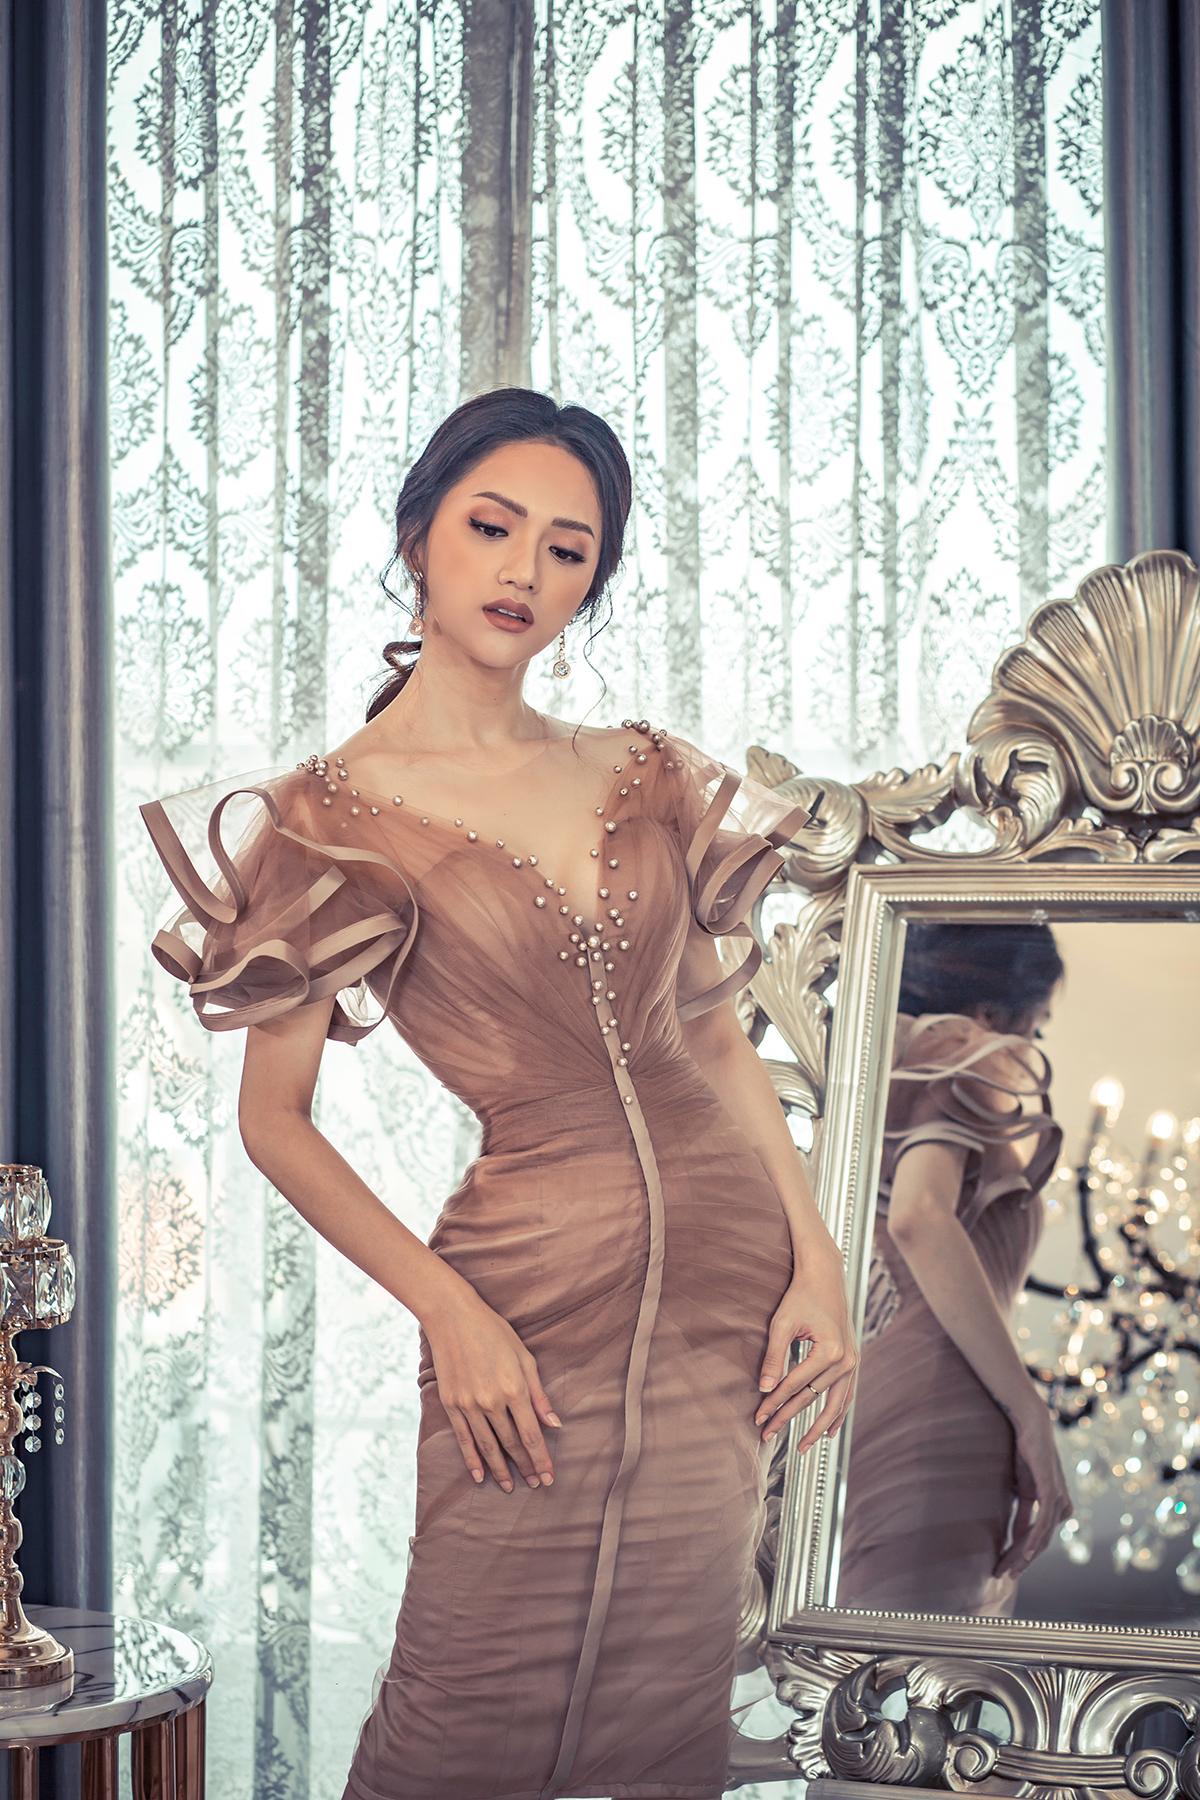 Hoa hậu Hương Giang đẹp xuất thần trong thiết kế ren mỏng tang - Ảnh 1